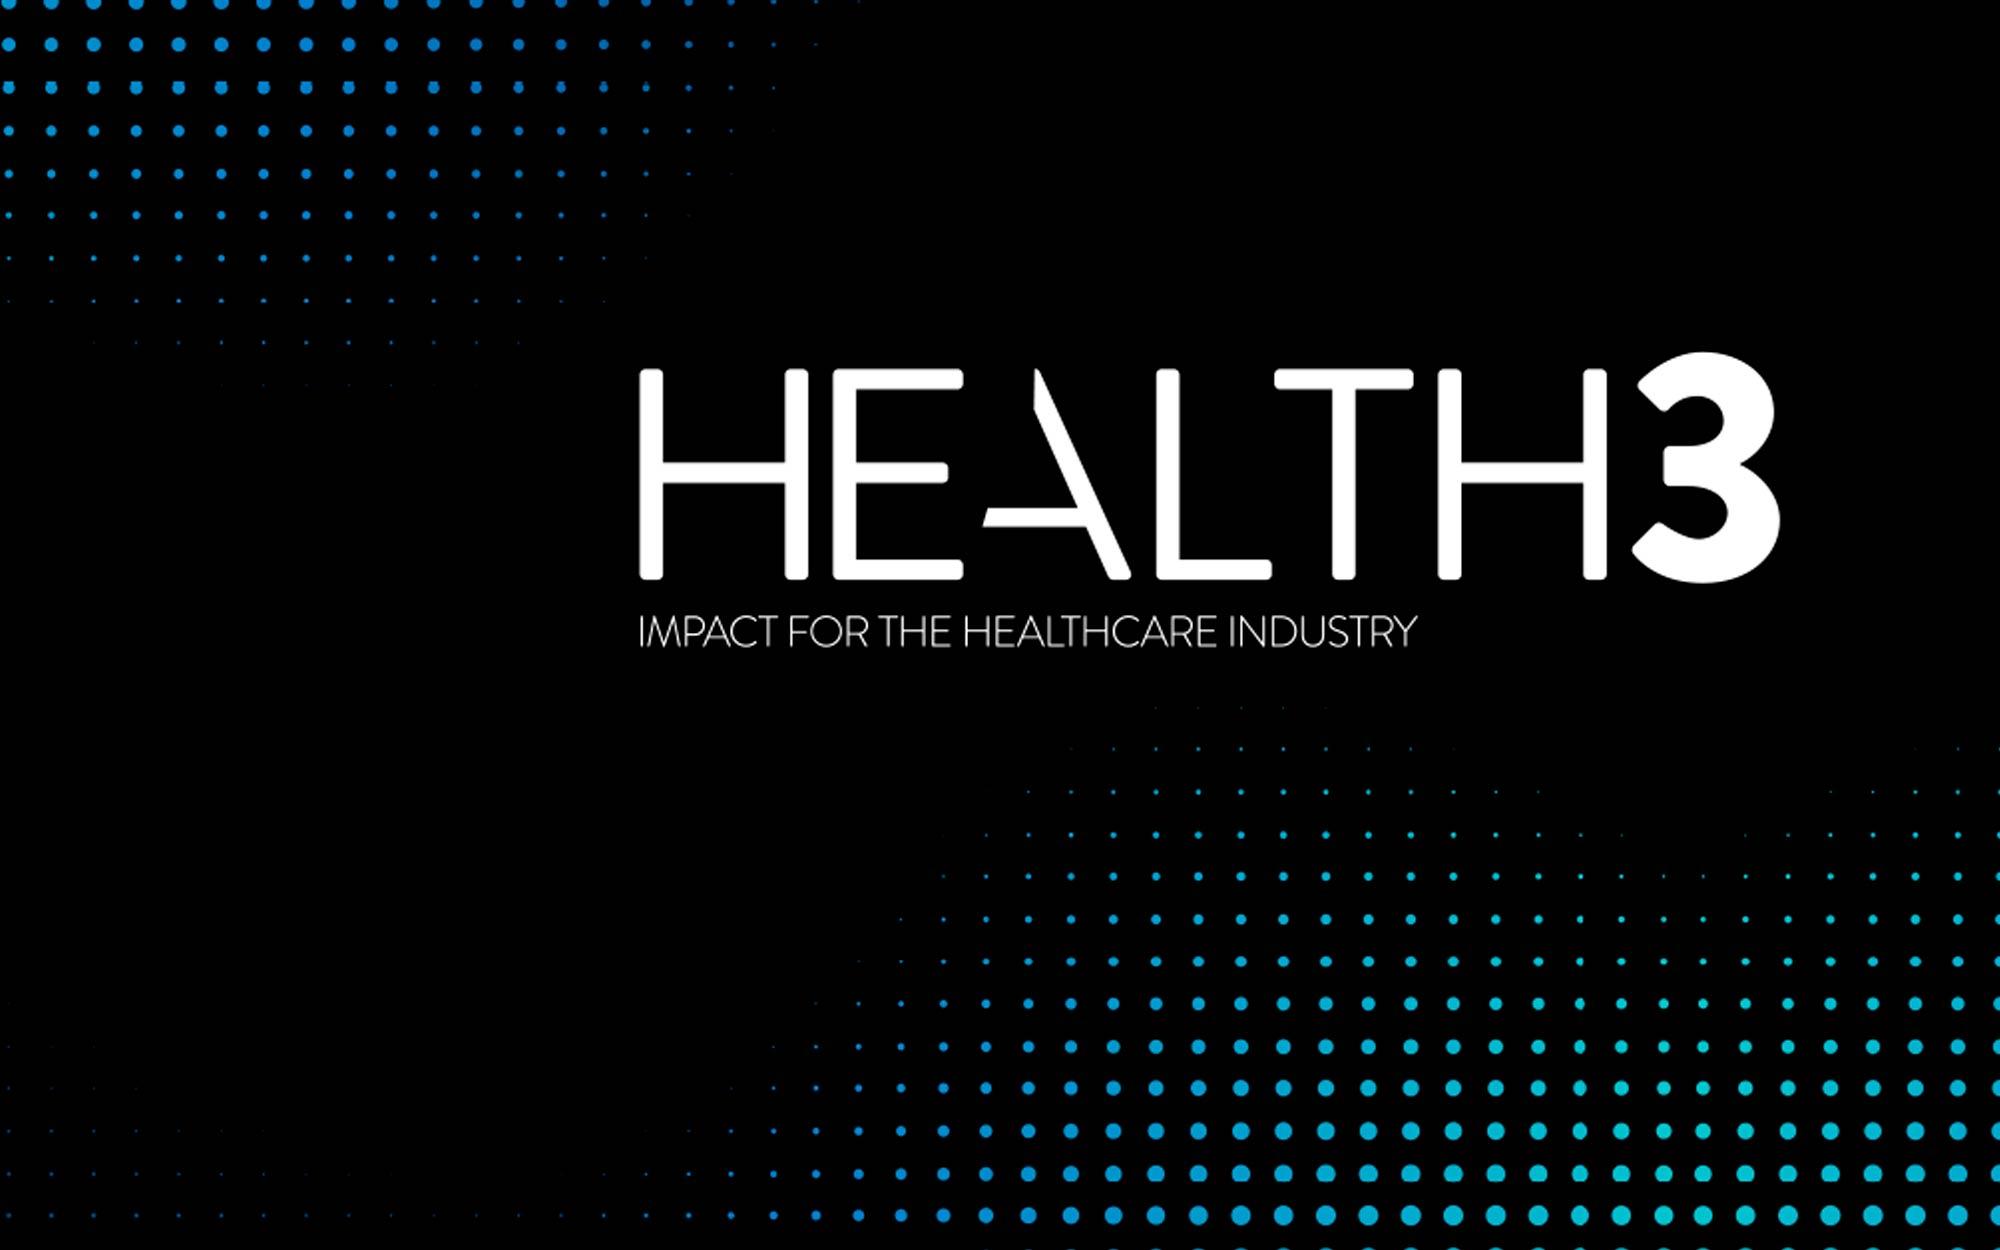 Marca y web para Health 3